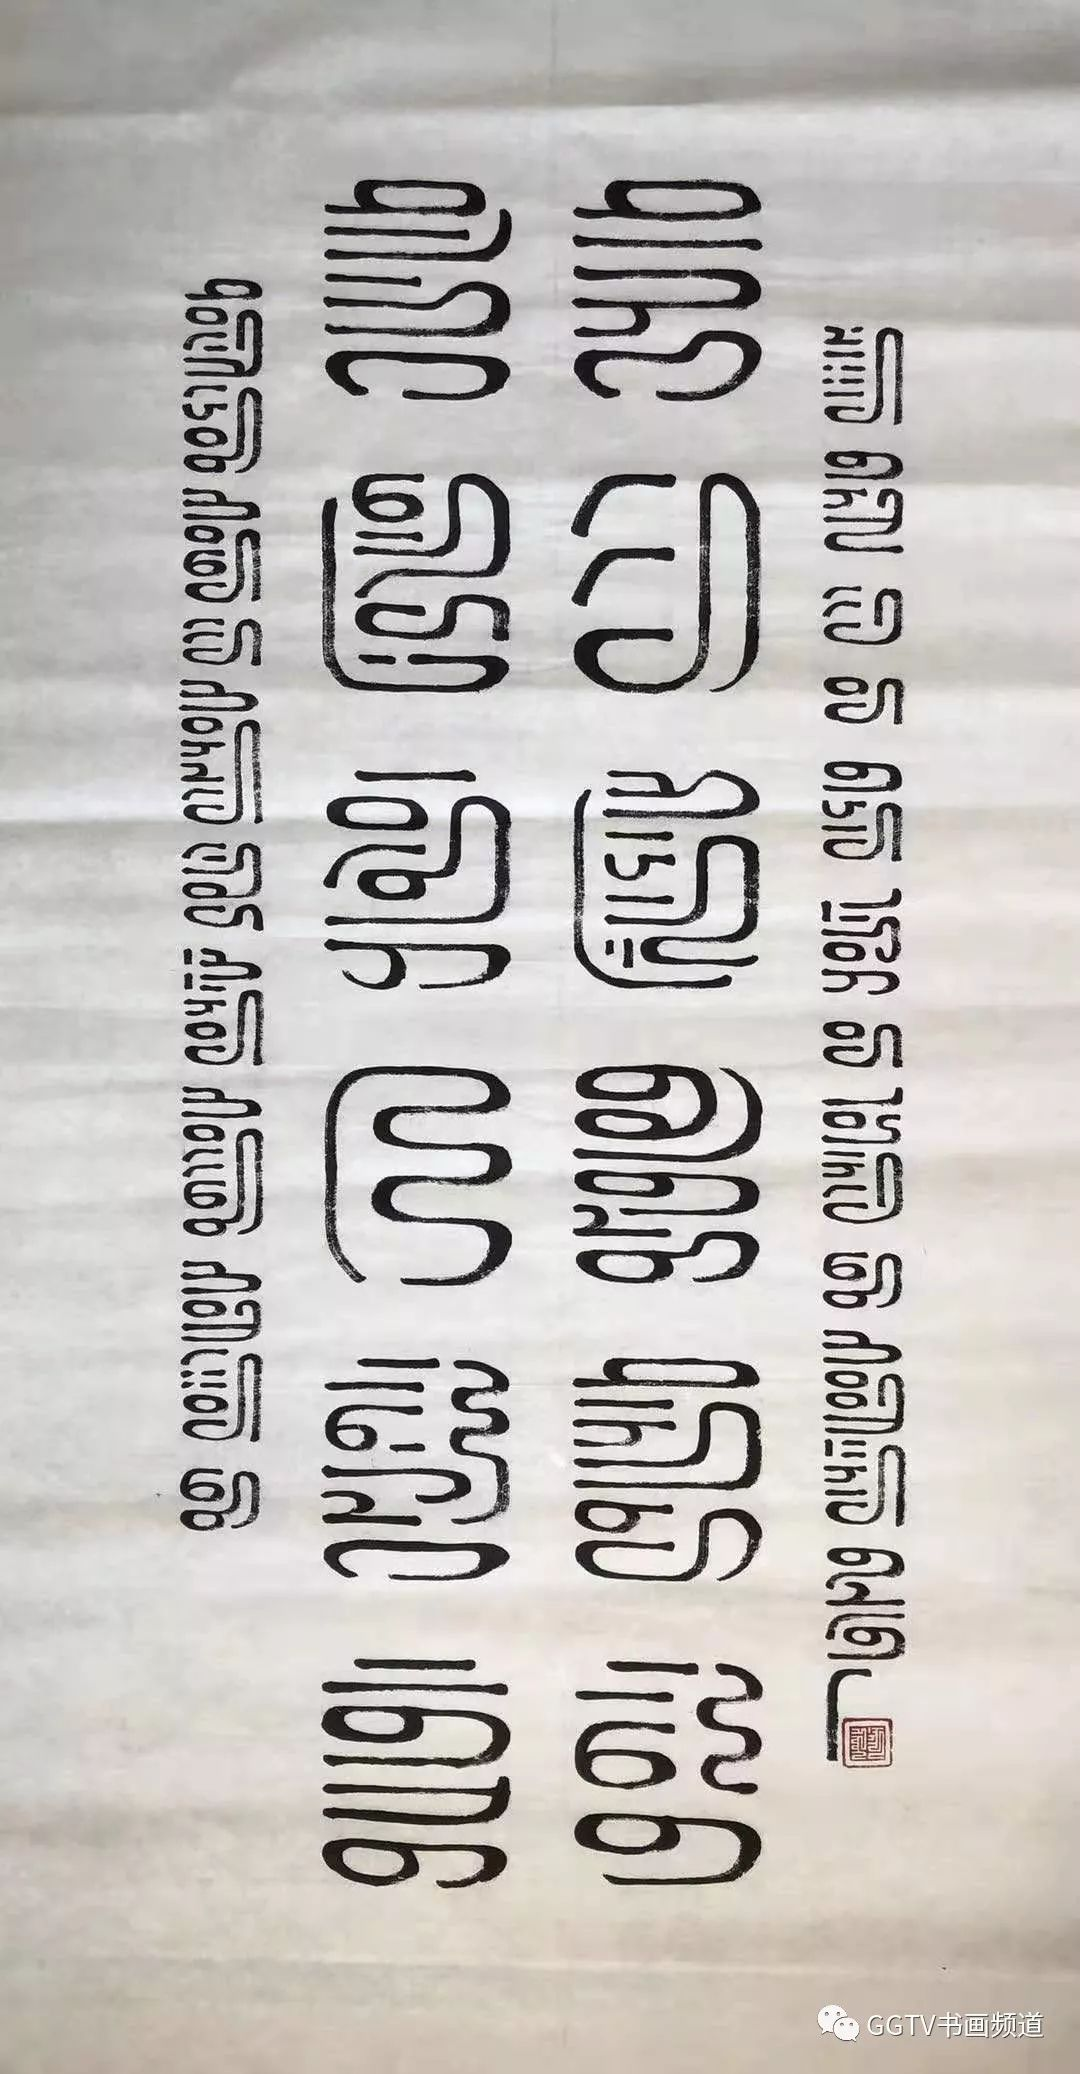 庆祝建国70周年全国优秀艺术家  —— 鲍好斯那拉作品展 第32张 庆祝建国70周年全国优秀艺术家   ——  鲍好斯那拉作品展 蒙古书法